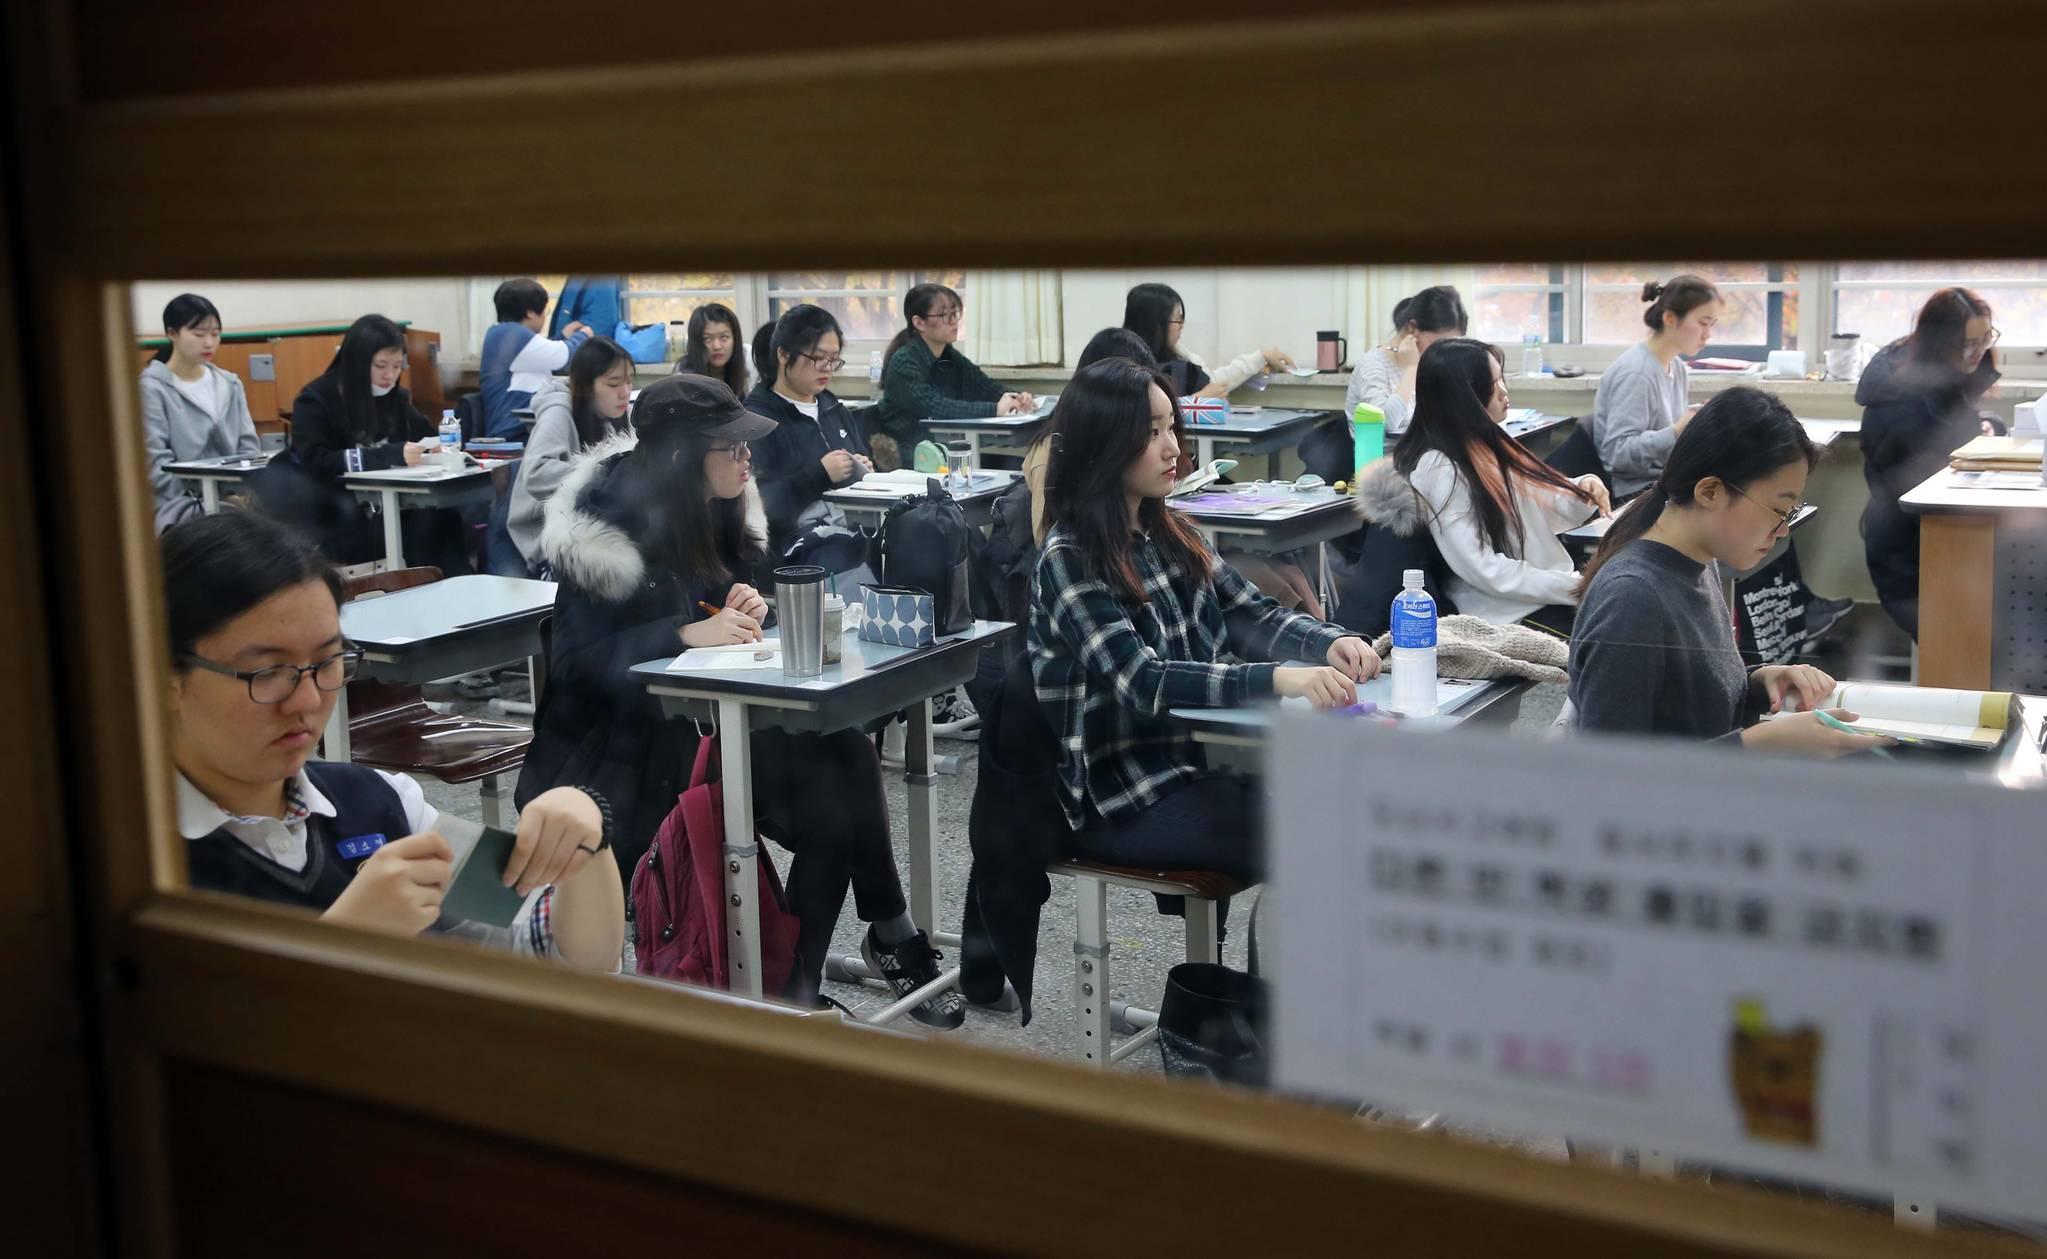 2017학년도 수능에 응시한 학생들이 지난해 11월 서울의 한 고등학교에서 시험지가 배포되기를 기다리고 있다. 영어와 한국사 외 과목까지 절대평가 확대가 논의되던 2021학년도 수능(현 중 3)은 기존 방식대로 치르기로 했다. 교육부는 대입 제도 개선 전반을 검토하면서 2022학년도 수능 개편안을 내년 8월까지 결정한다는 계획이다. 김상선 기자